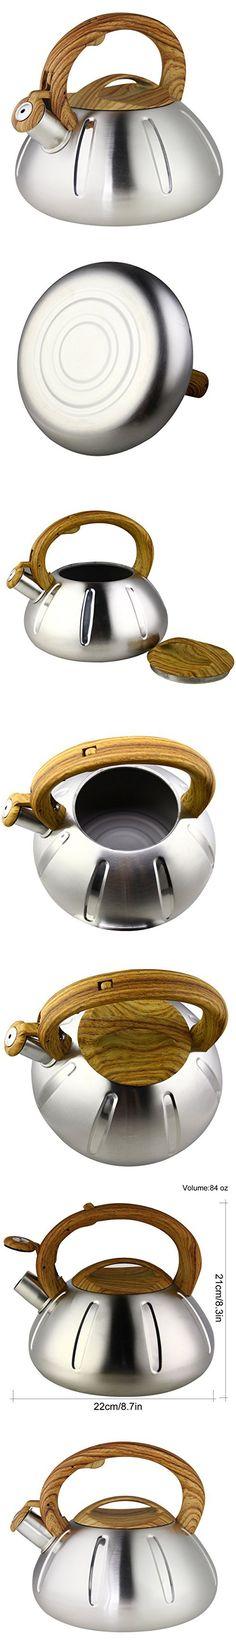 Riwendell Stainless Steel Whistling Tea Kettle 2.6-Quart Stove Top Kettle Teapot